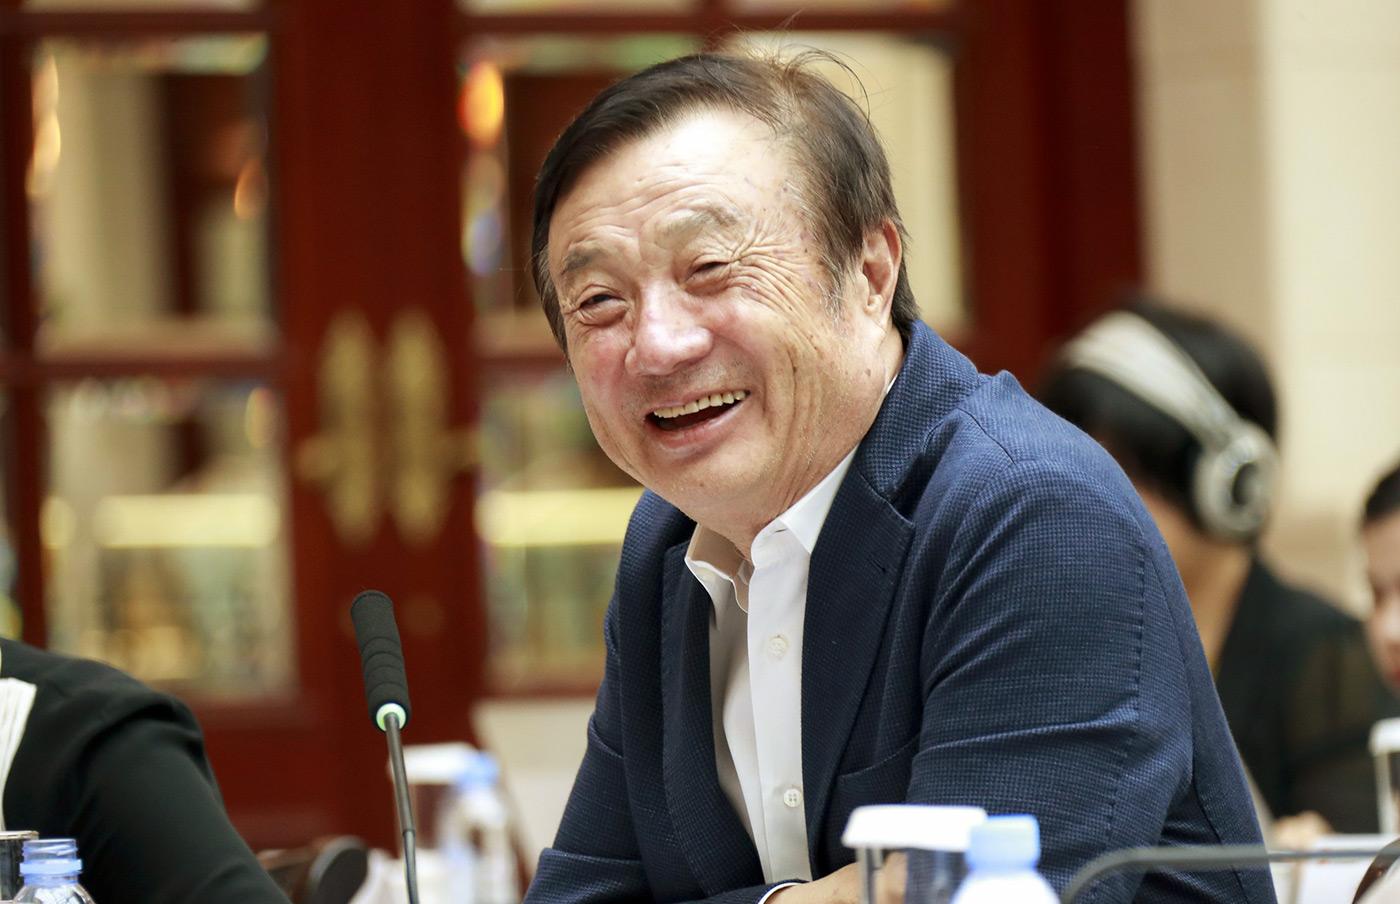 #Эхо20: про 5G в России и как основатель Huawei никогда не любил название Huawei